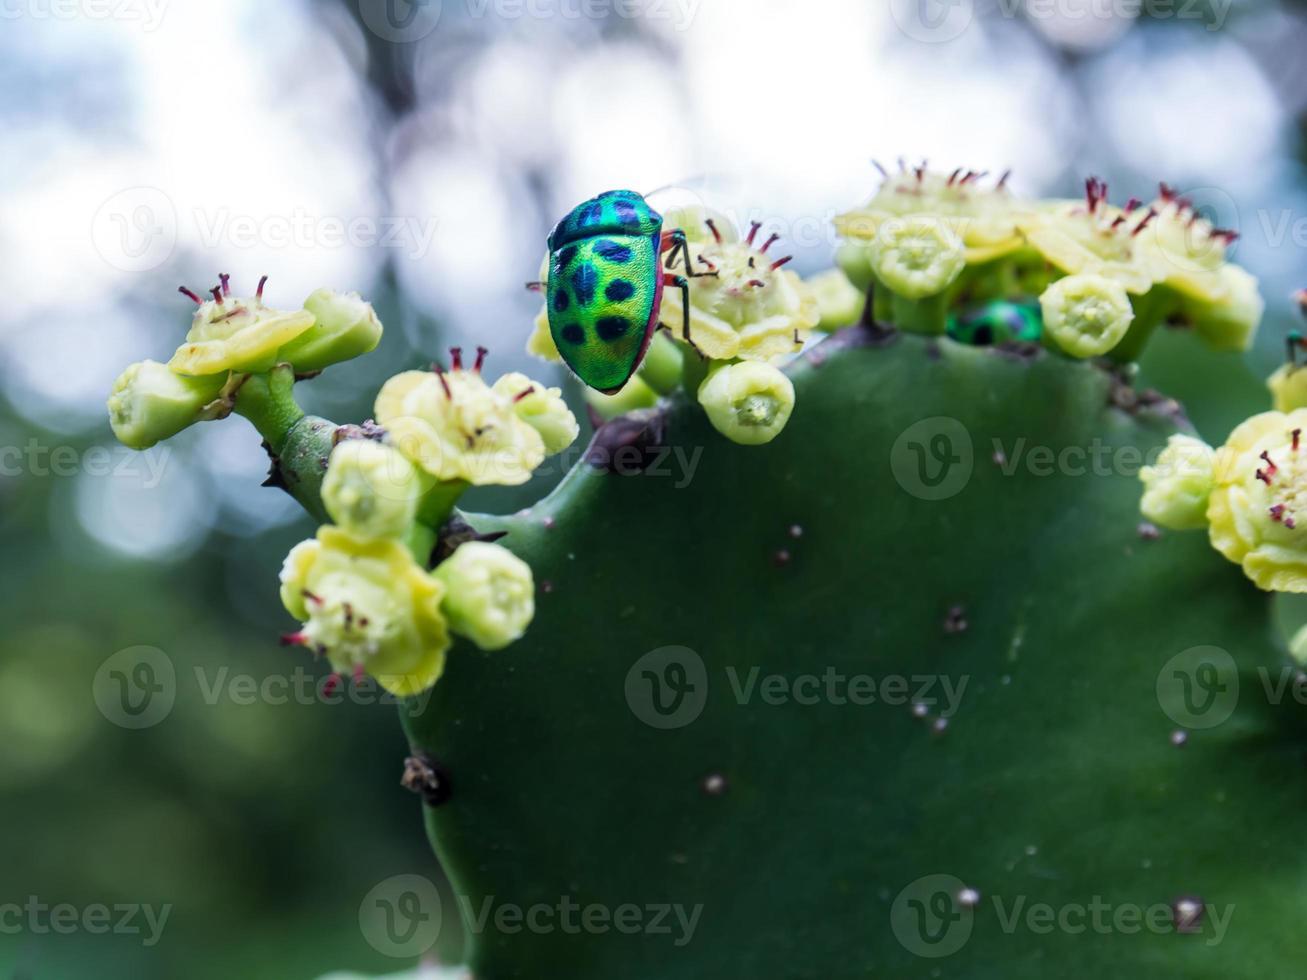 juweel kever bug op de bloemen van cactusvijgcactus foto